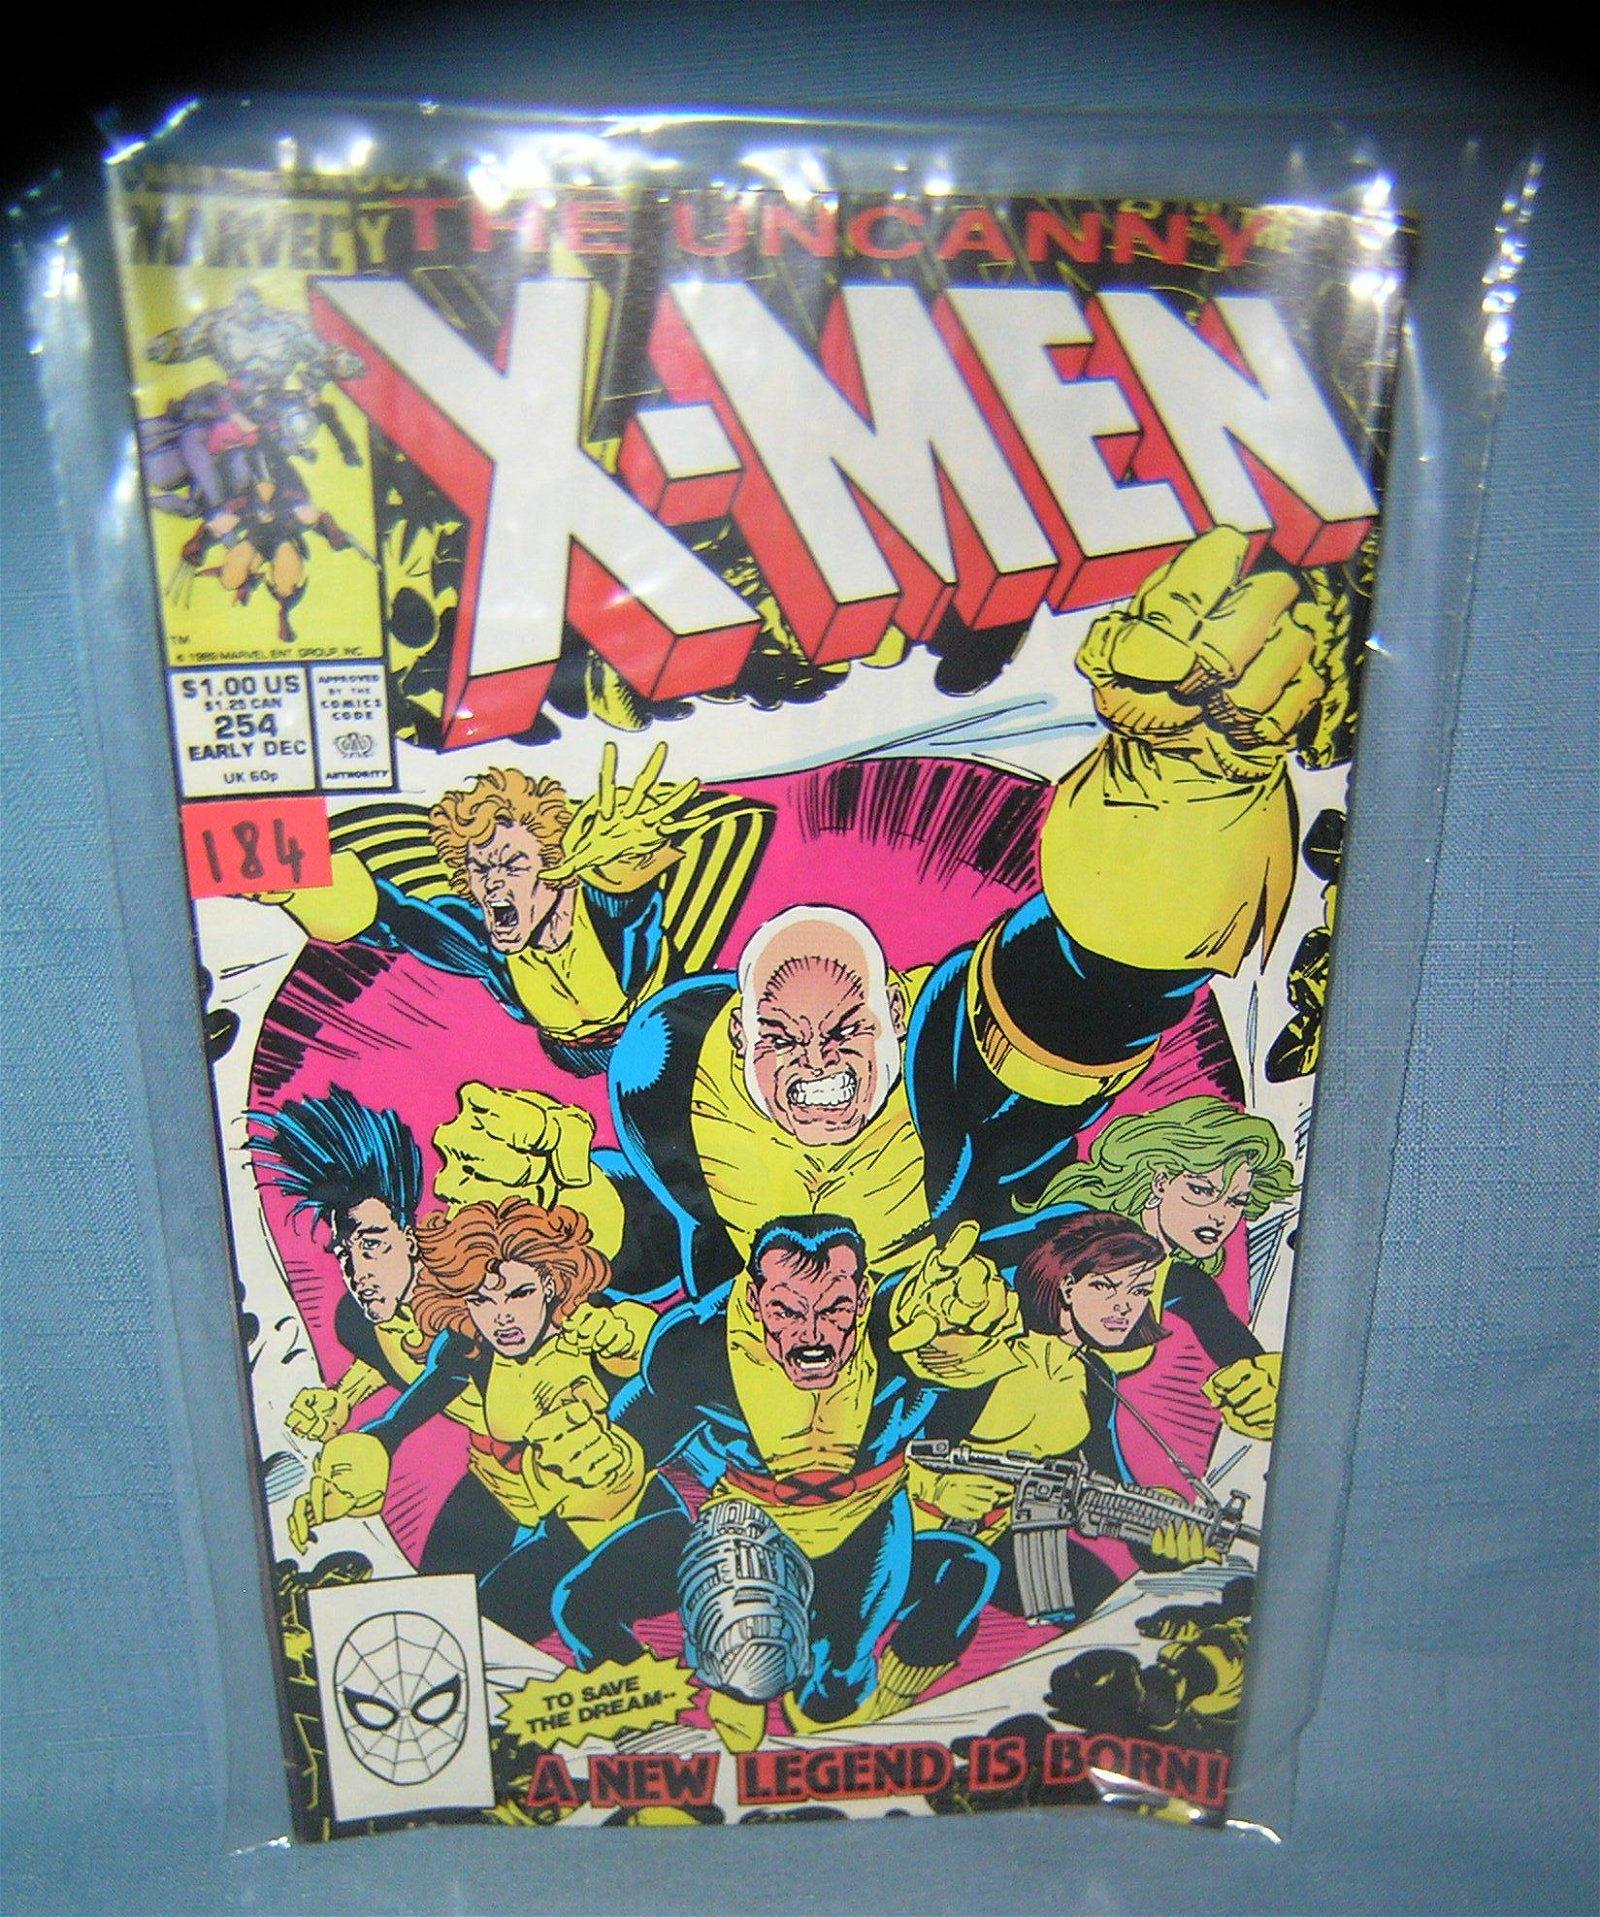 Vintage Xmen comic book the new legend is born